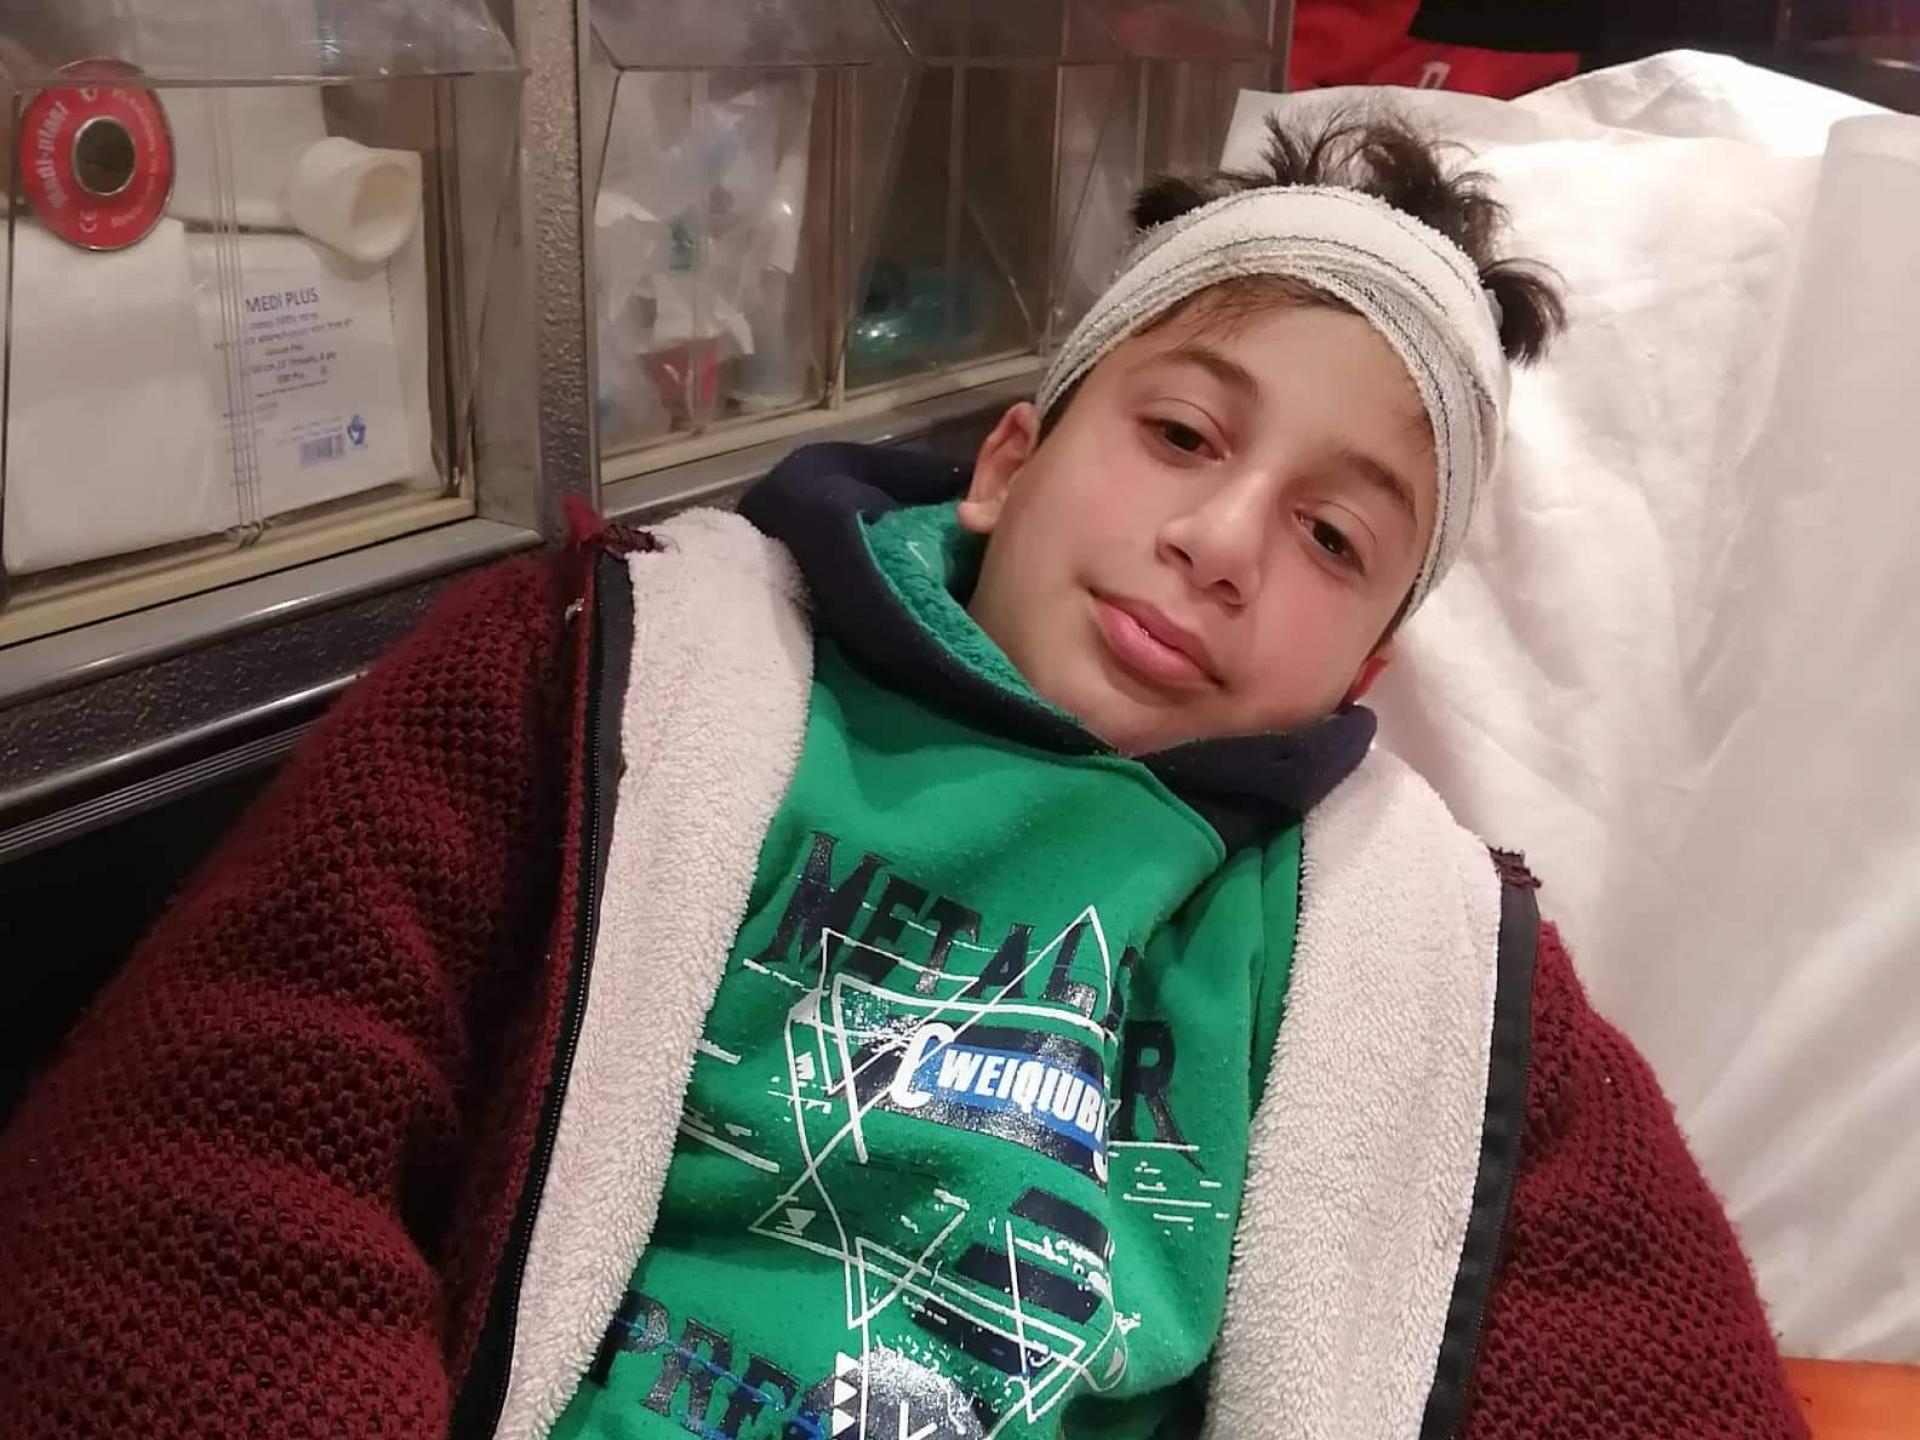 ילד שעמד בפתח נפגע, נפל ונפצע.